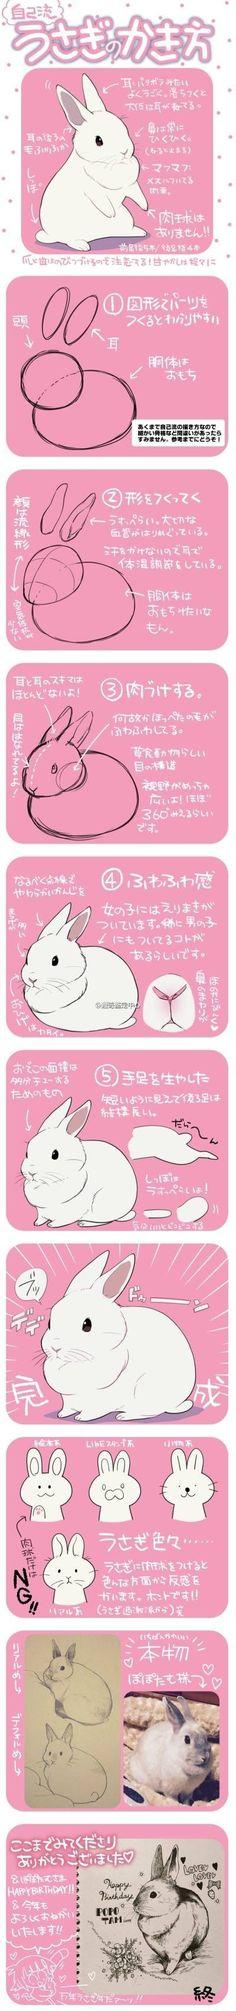 Bunny rabbit thing